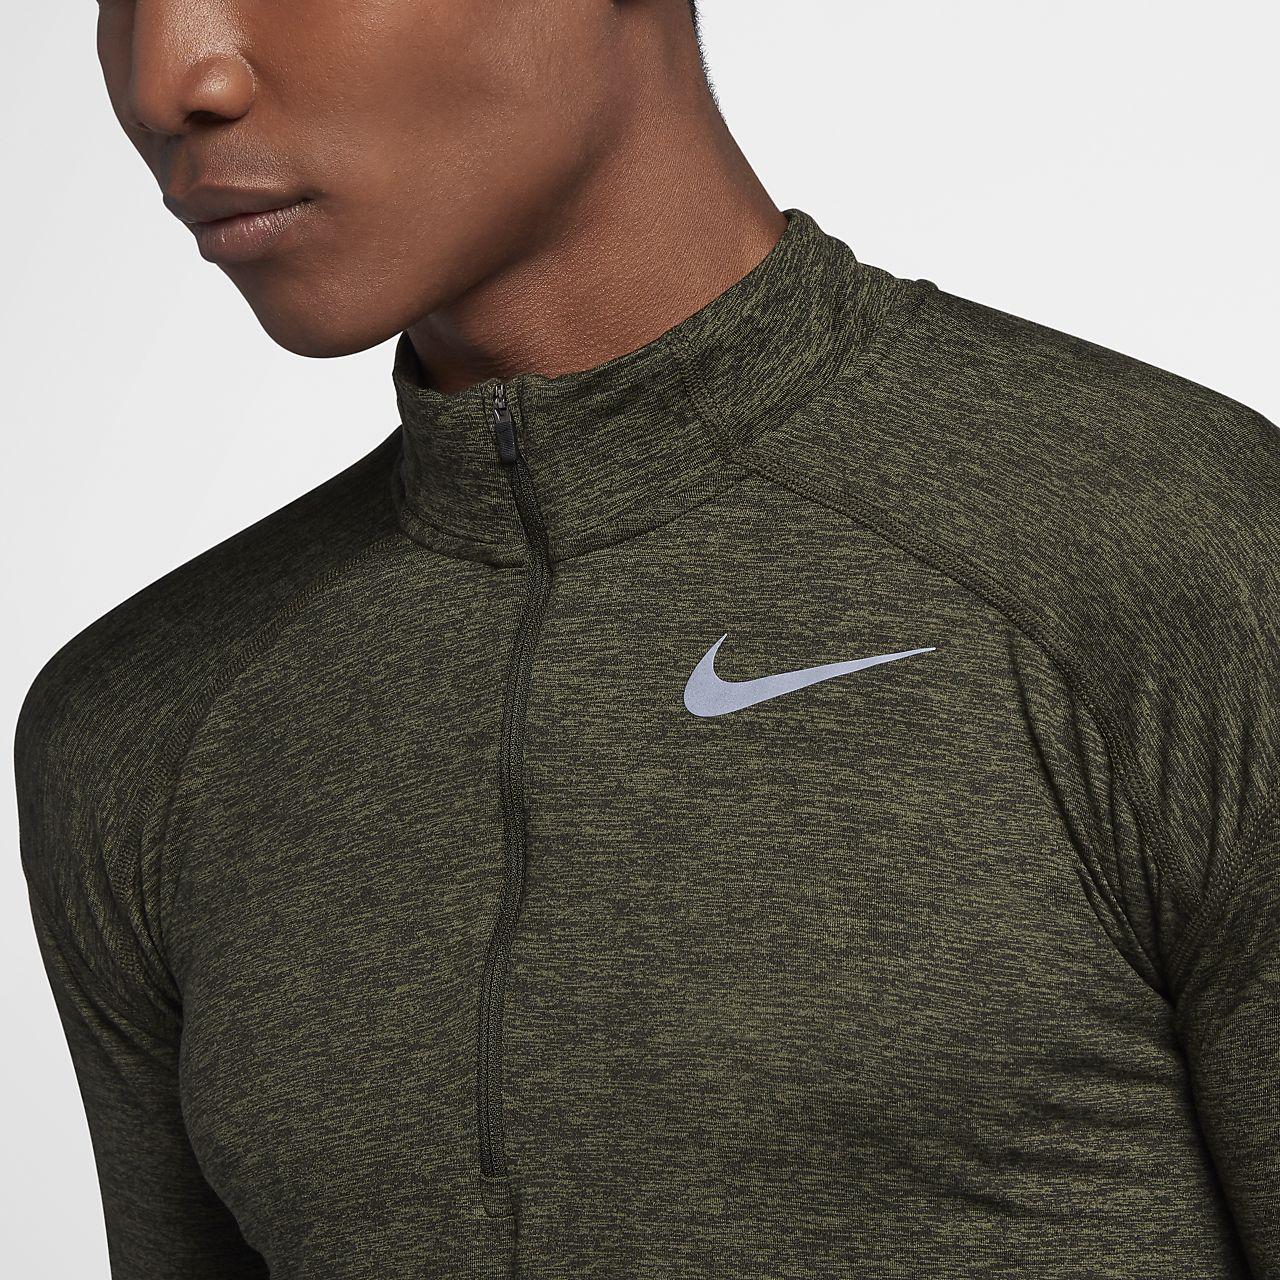 7faeb09b2 Nike Dri Fit Knit Half Zip Mens Running Shirt